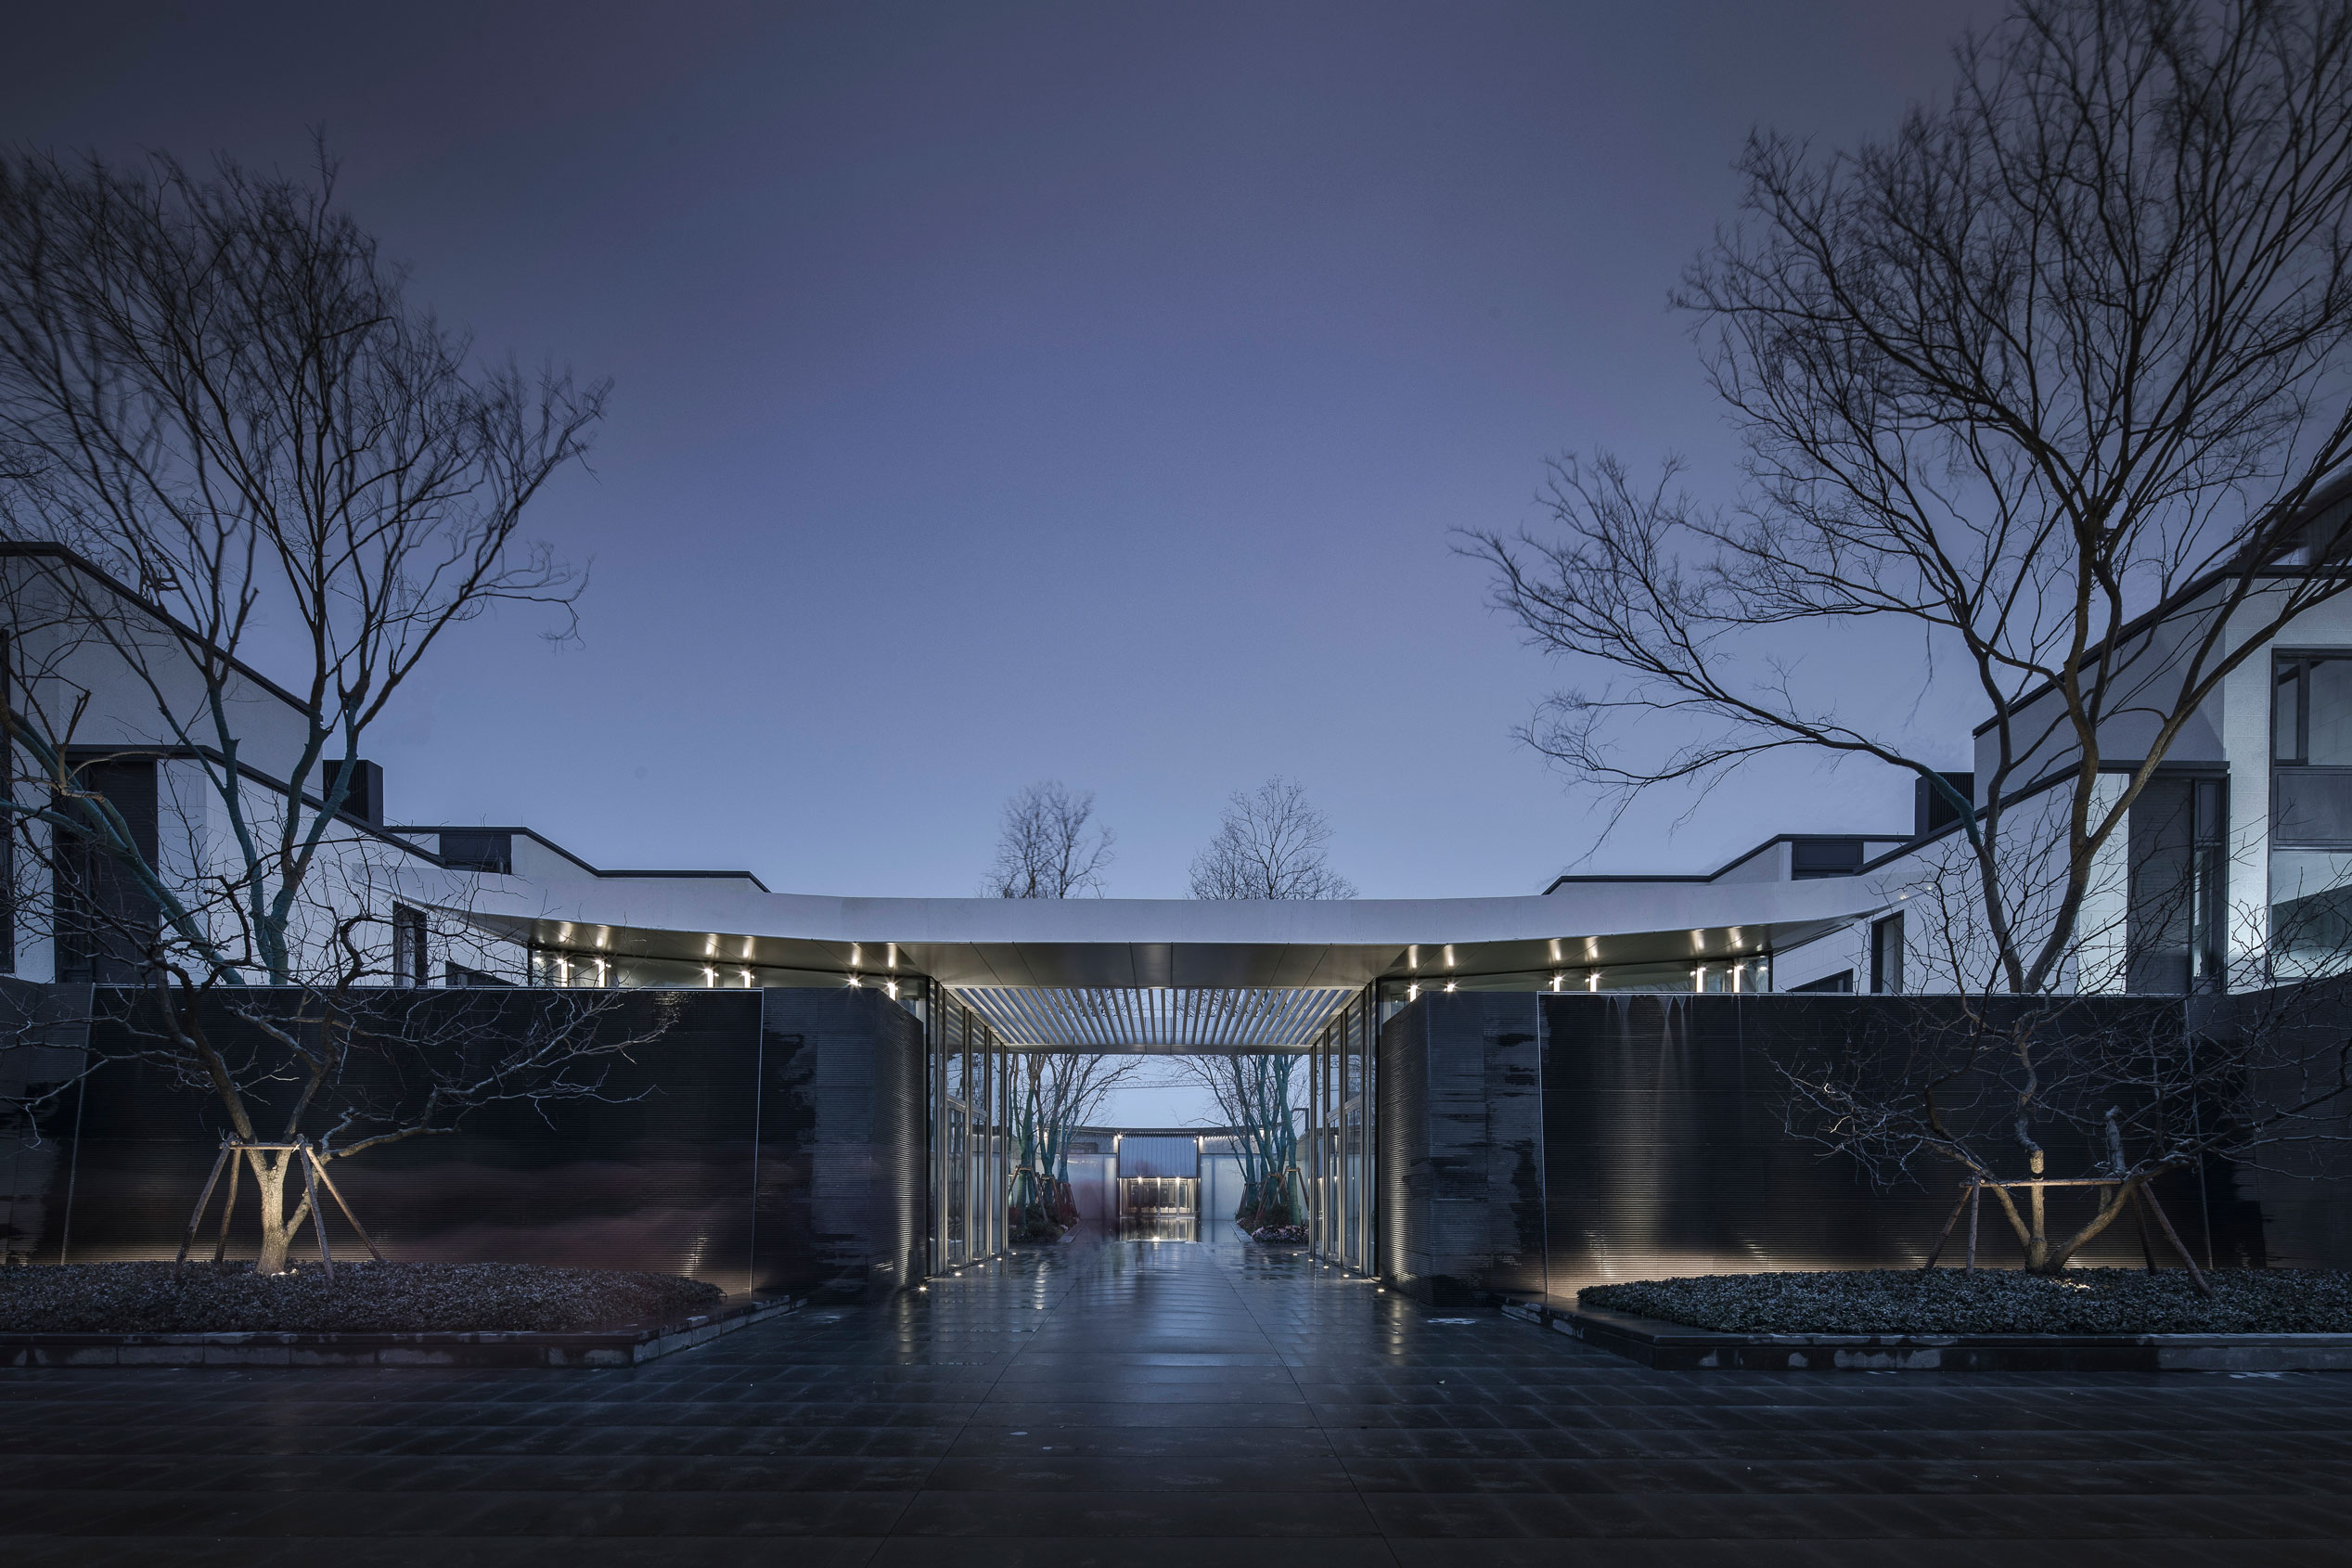 3.踏入第二进庭院,形式狭长,两侧游廊,院内水面向内无限延伸,空间给人一幽深之感,此为无界之境。.jpg